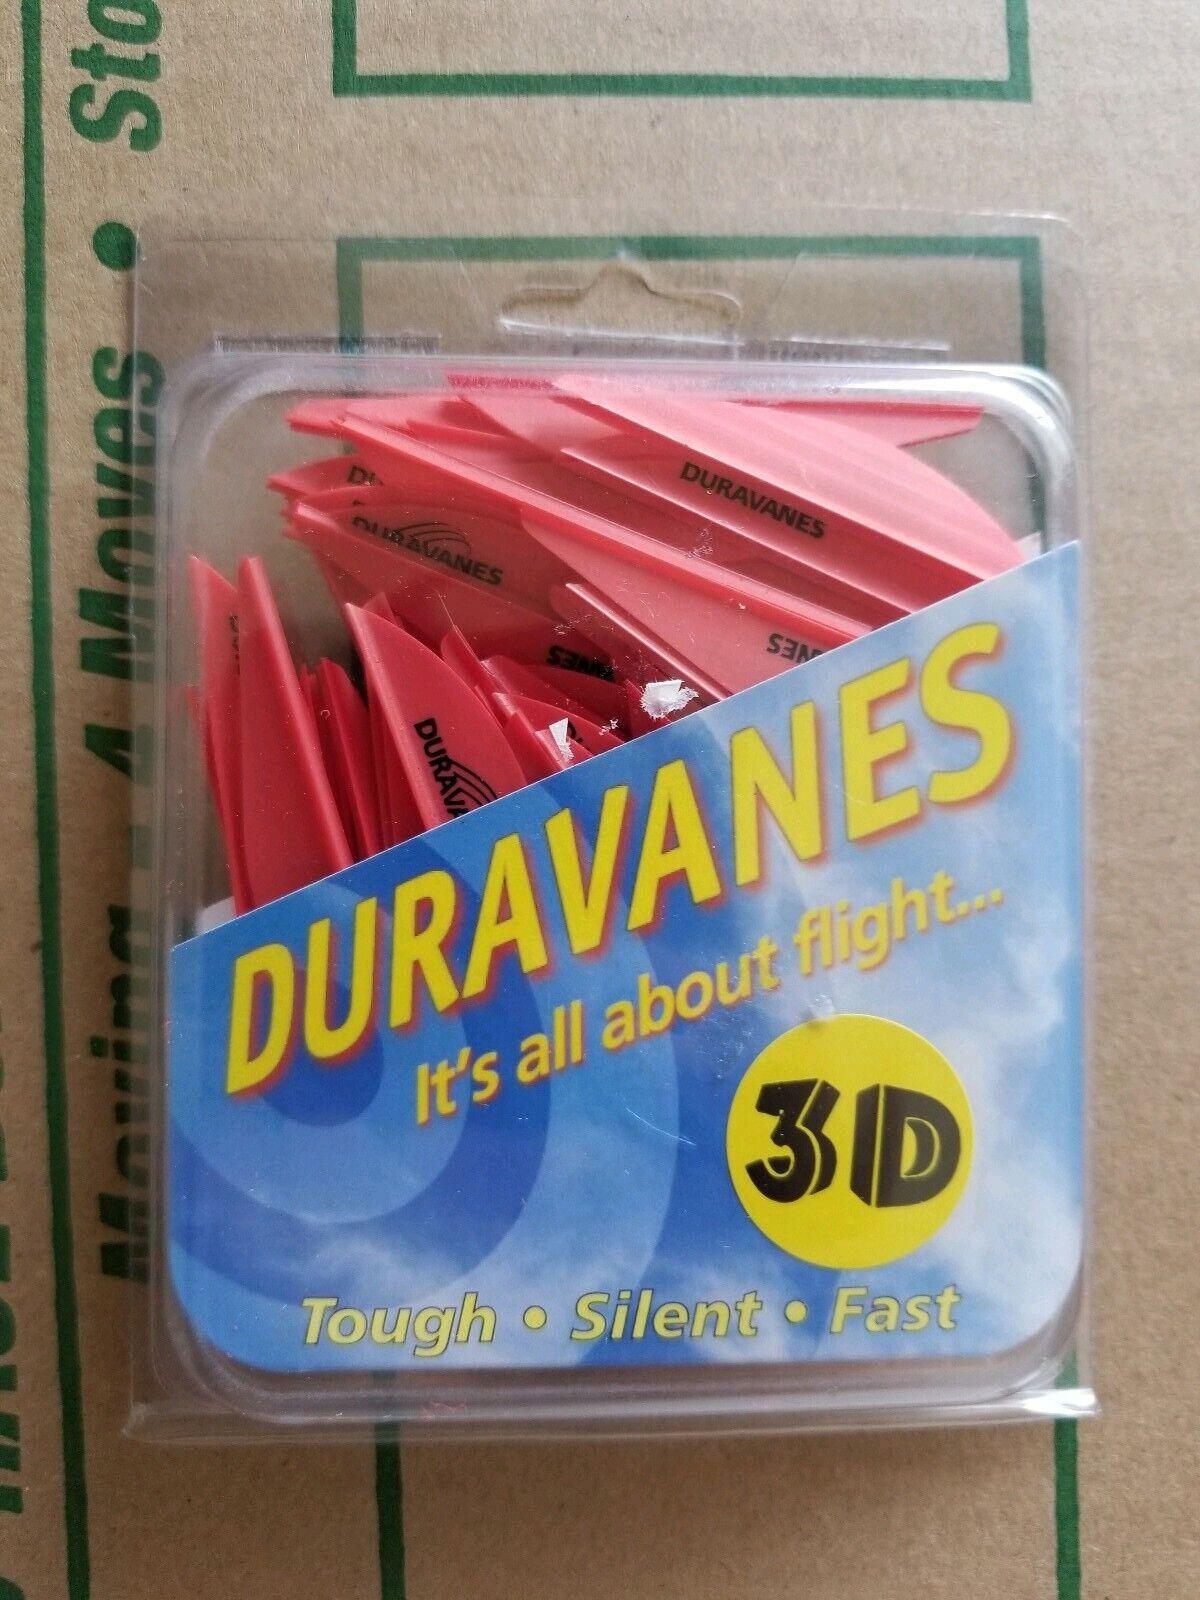 """Duravanes 3D arrow vanes 2.3/"""" 50 each White"""